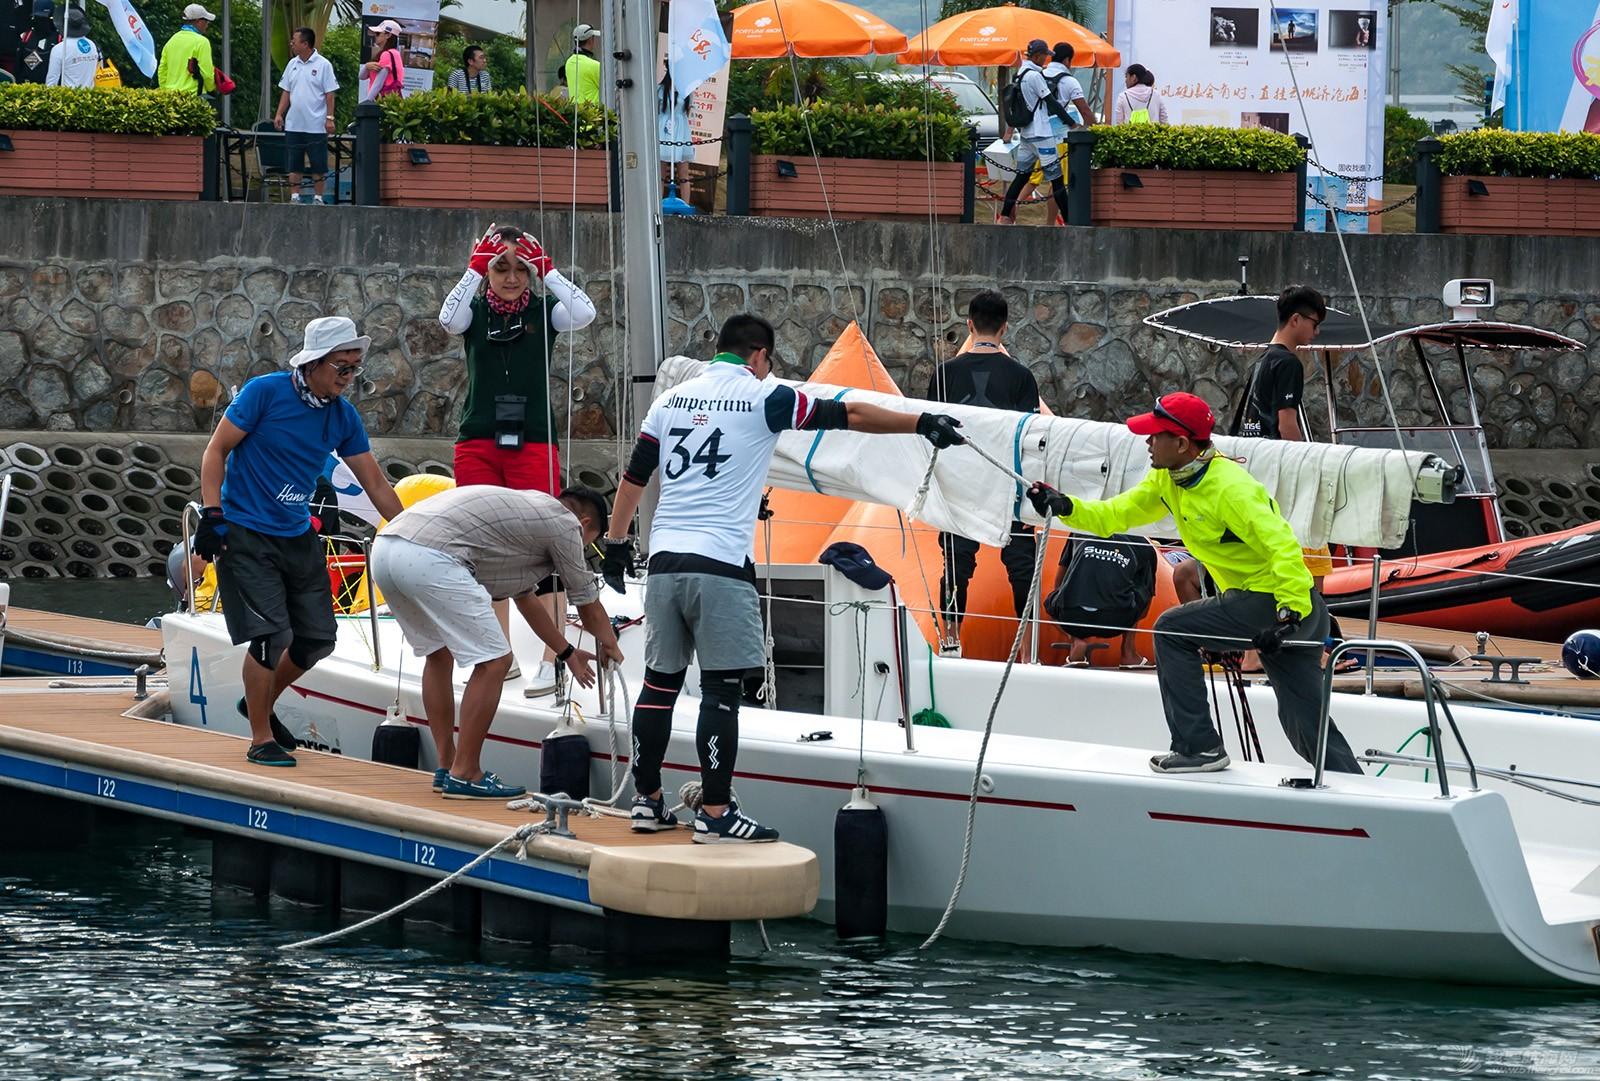 【2015大鹏杯帆船赛】51航海网船队整装待发 c5.jpg